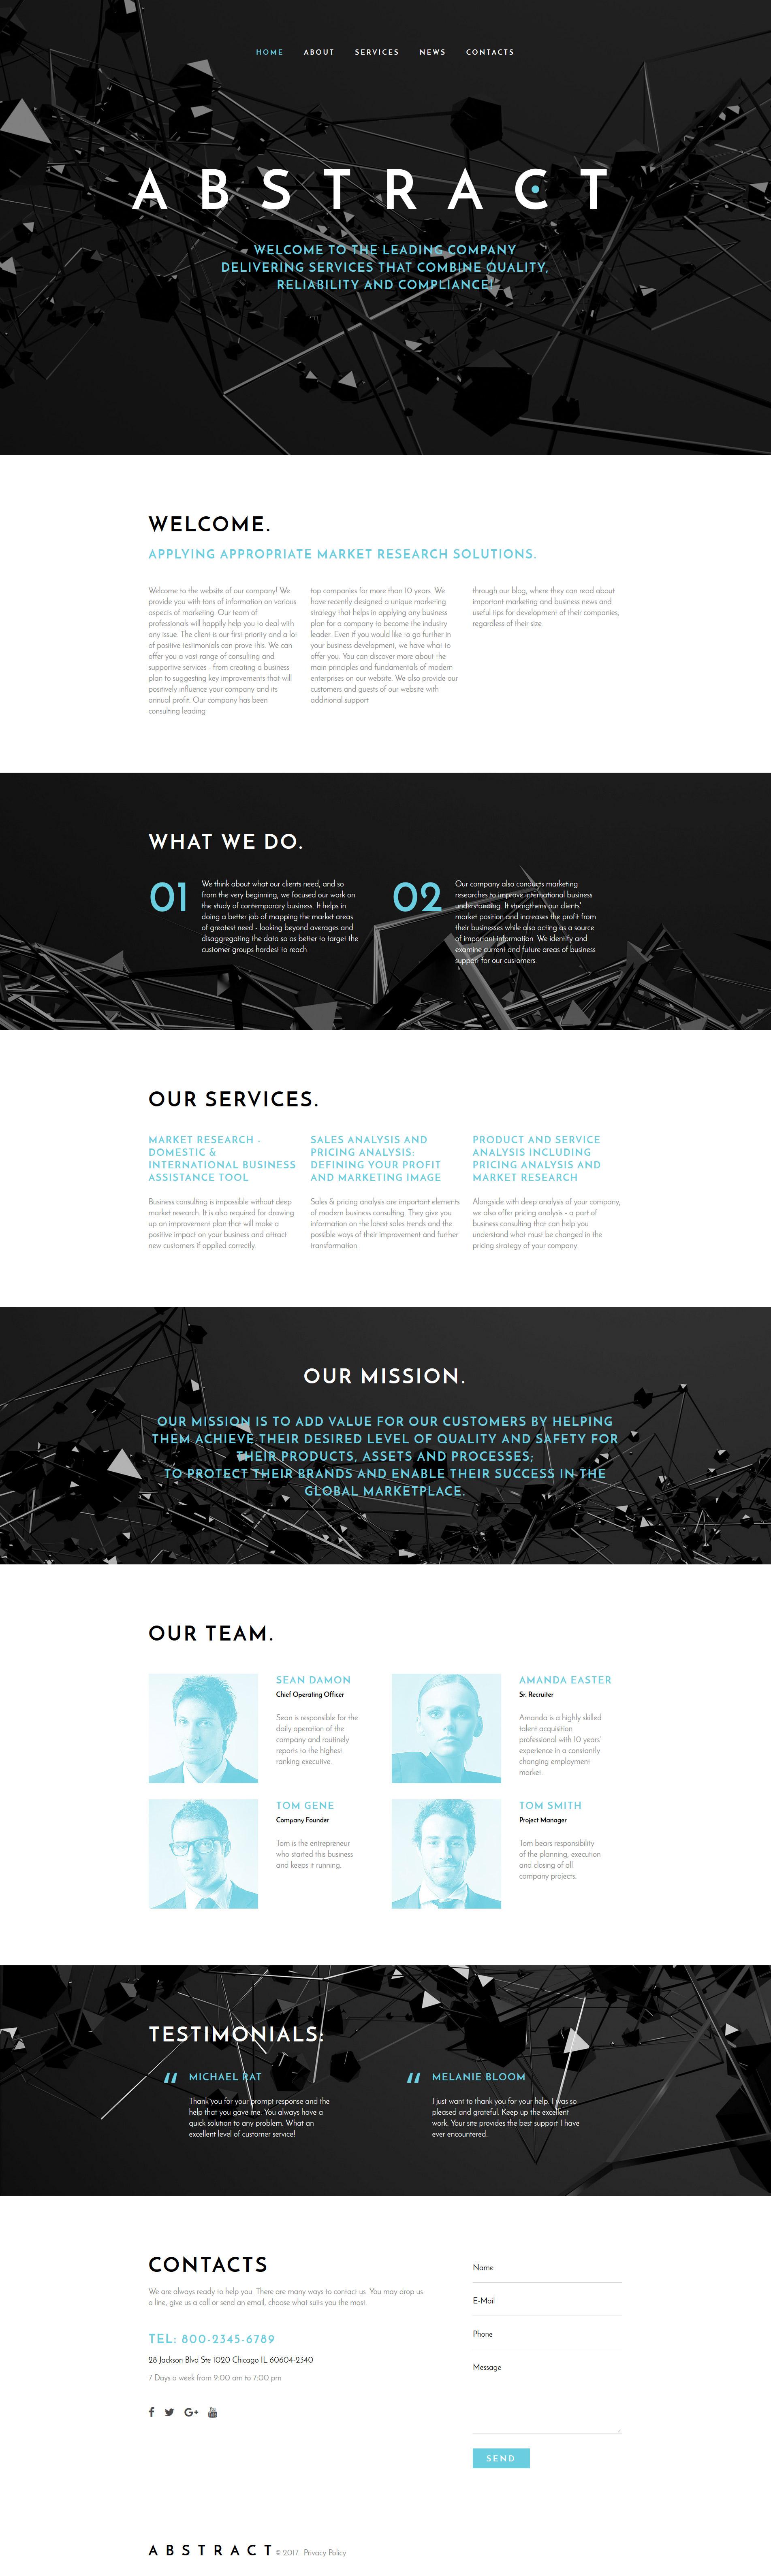 Abstract - Business Responsive Website Template - screenshot